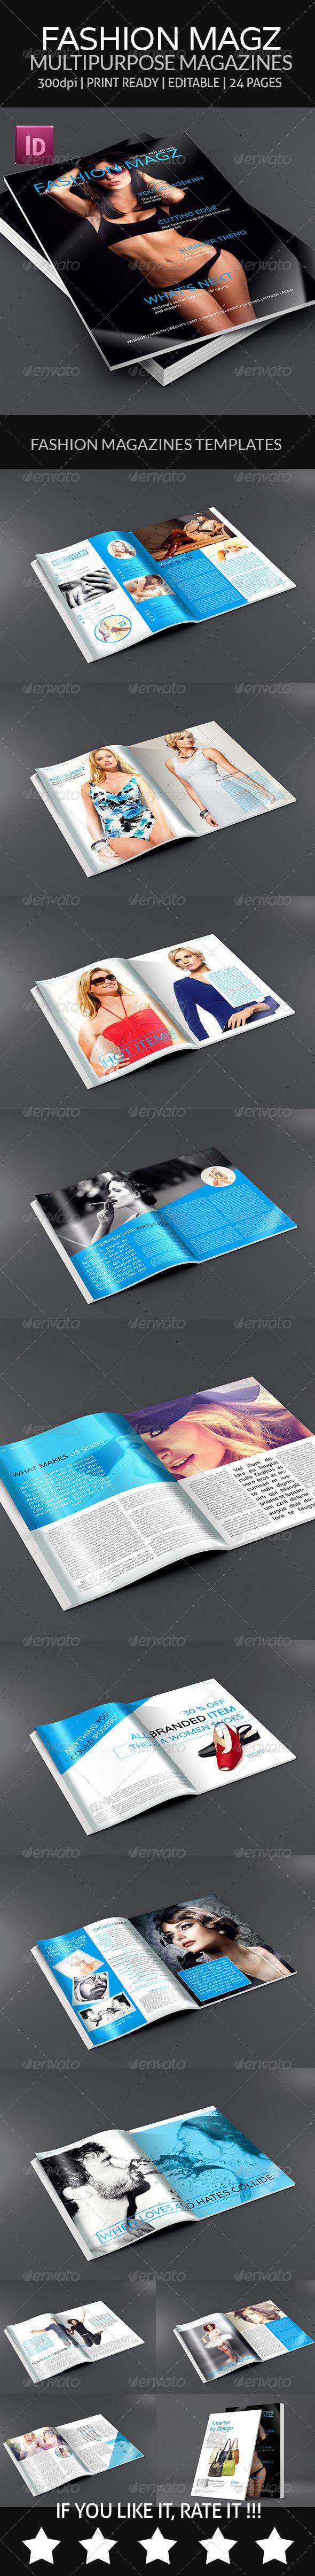 GraphicRiver Fashion Magz Multipurpose Magazines Template 7837001